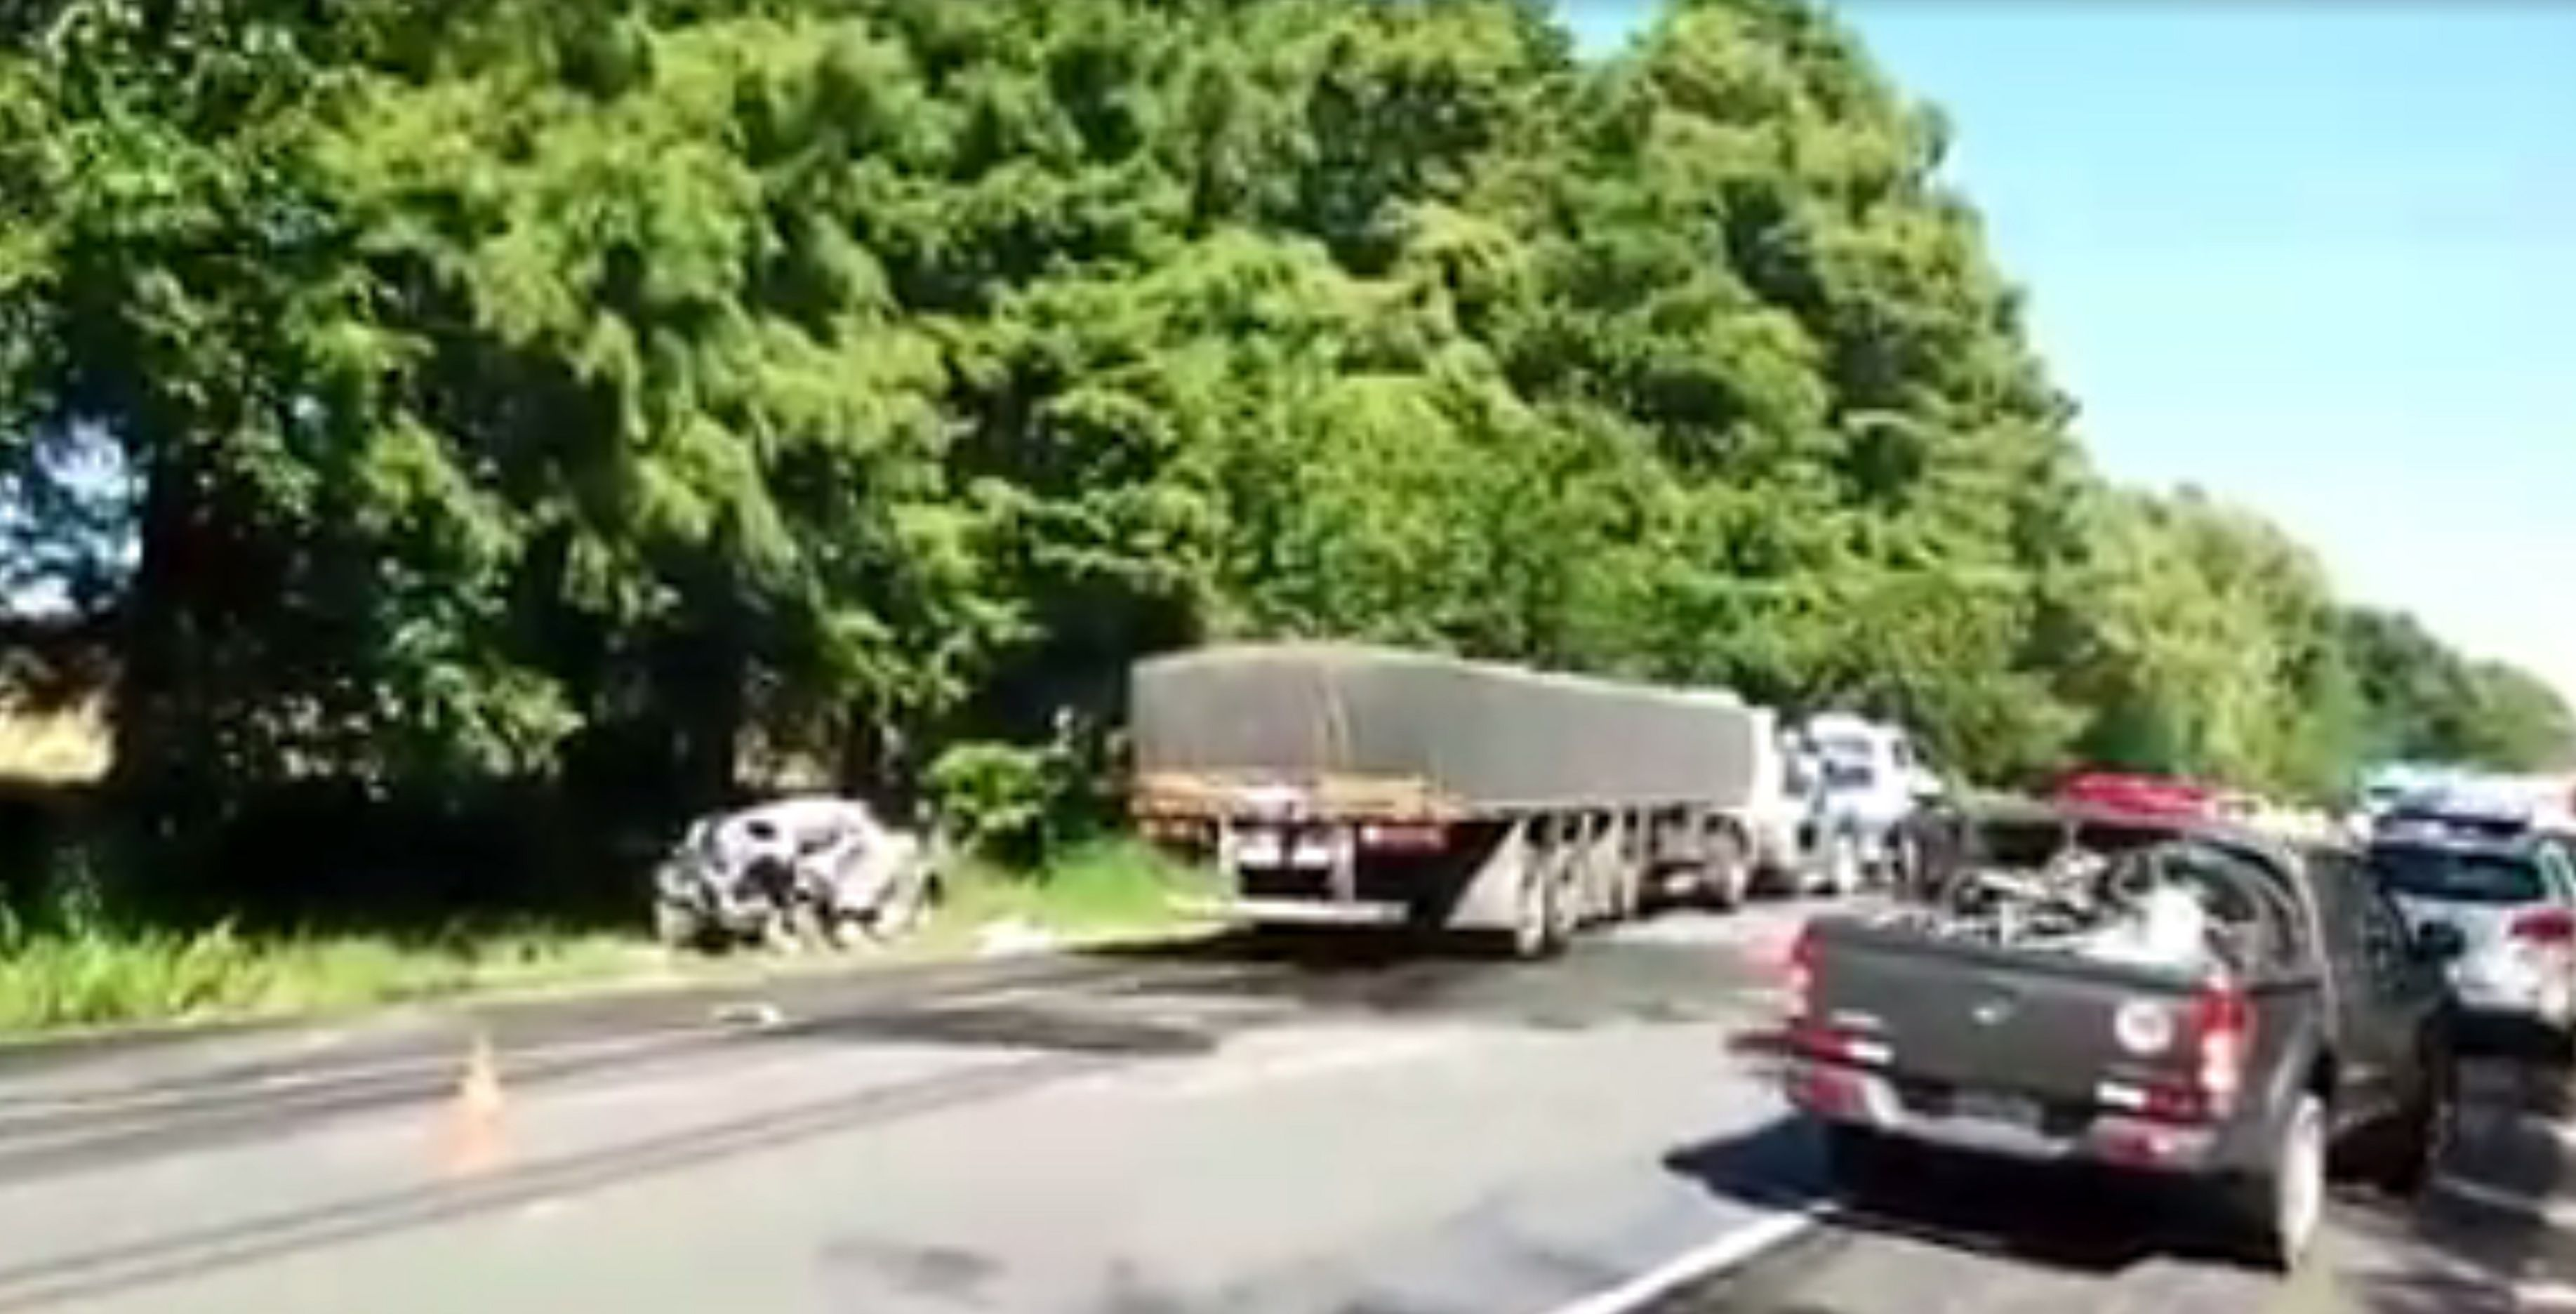 Otro accidente fatal en Uruguay: murió un matrimonio argentino y dos de sus hijas